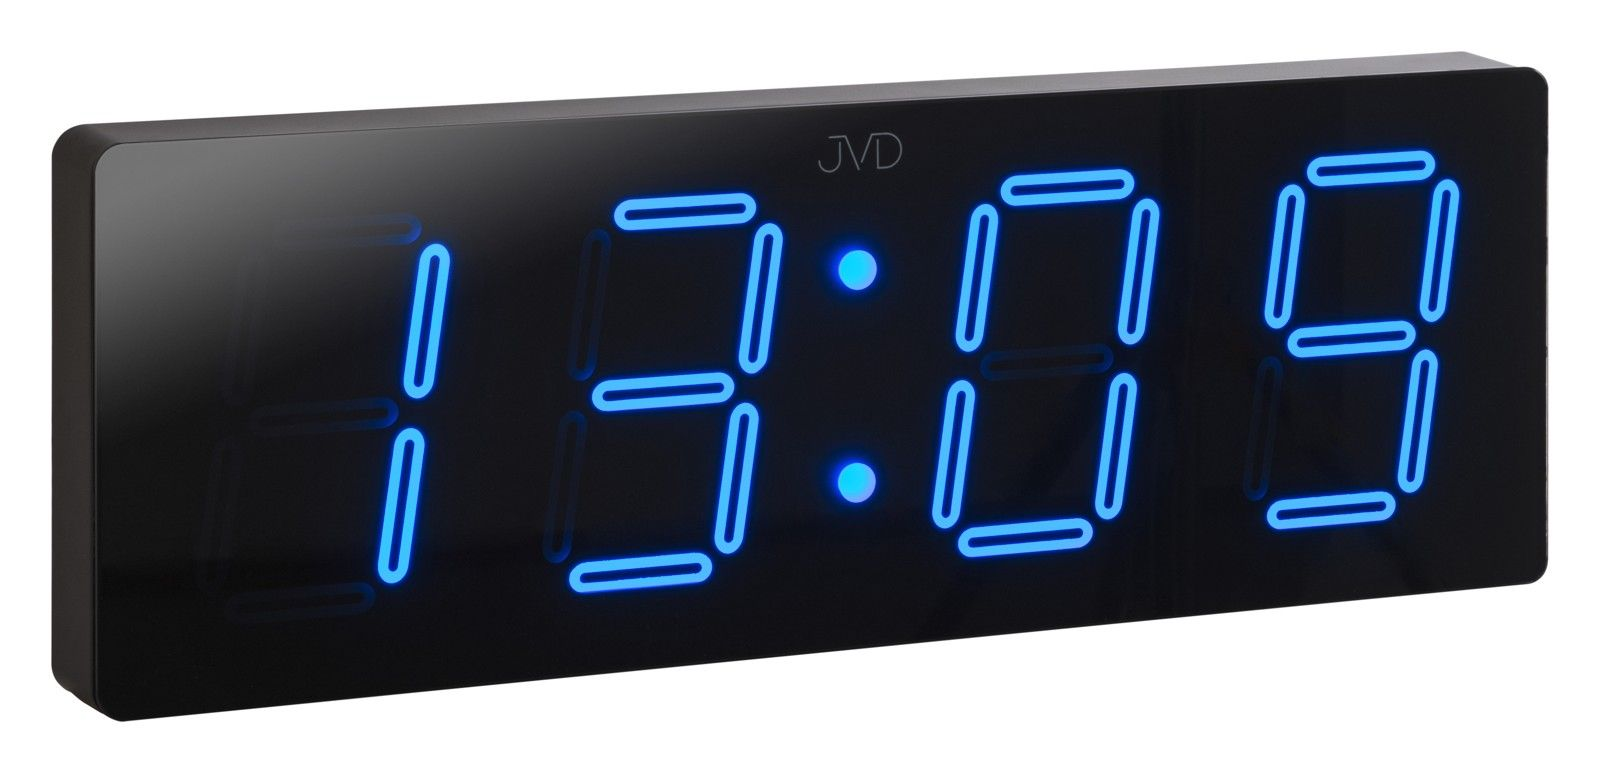 Velké svítící digitální moderní hodiny JVD DH1.2 s modrými číslicemi POŠTOVNÉ ZDARMA!